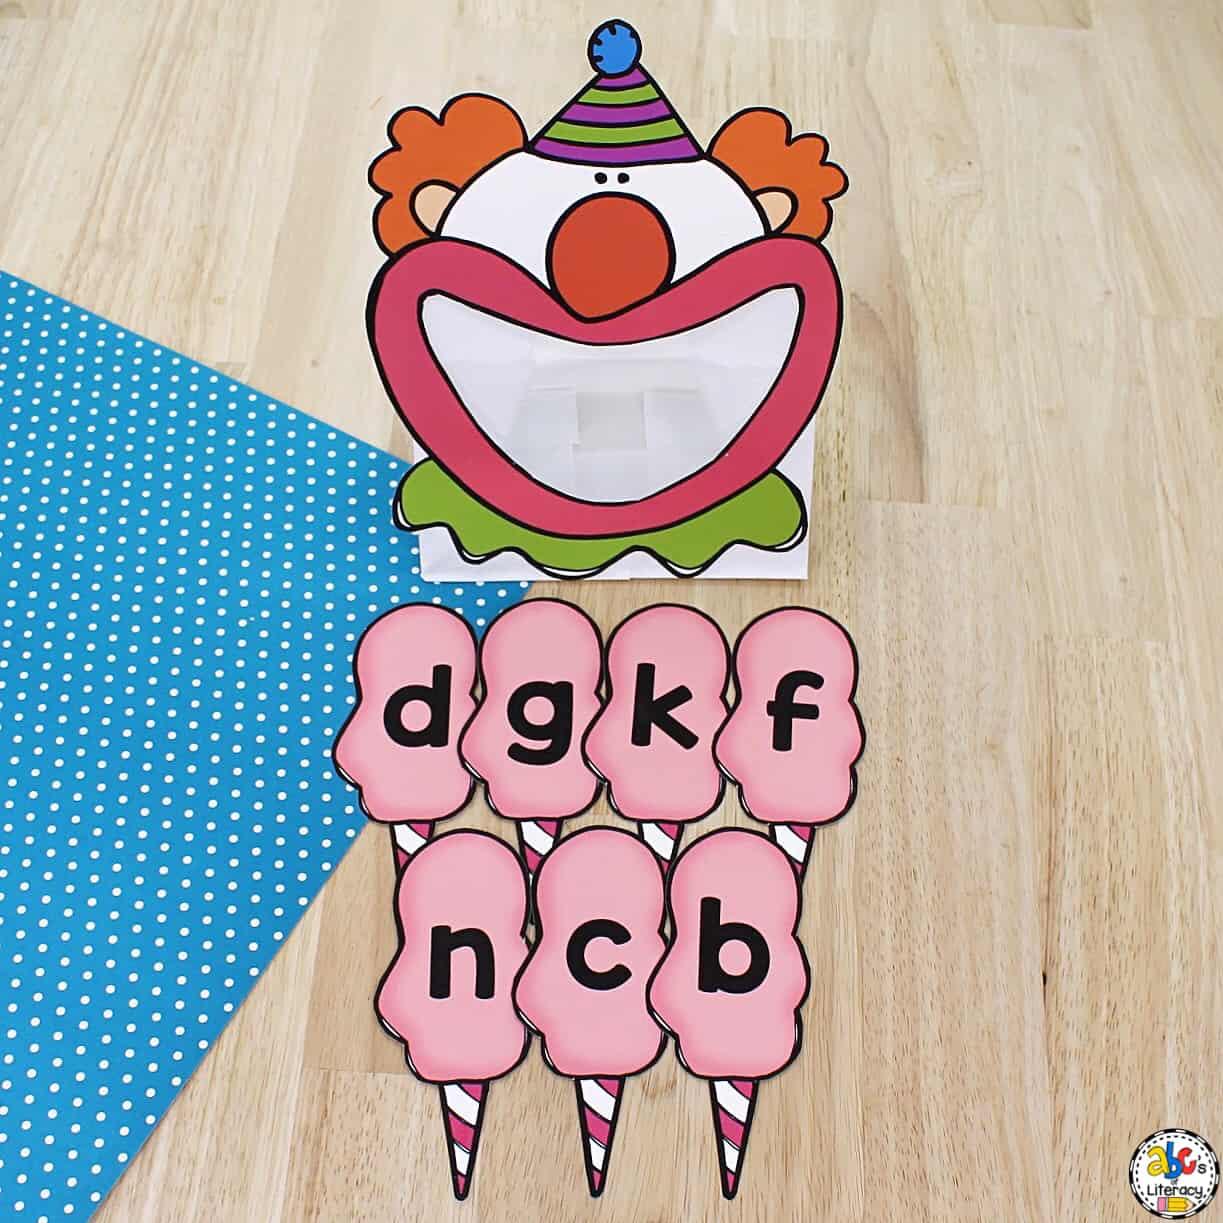 Clown Activity for Preschoolers